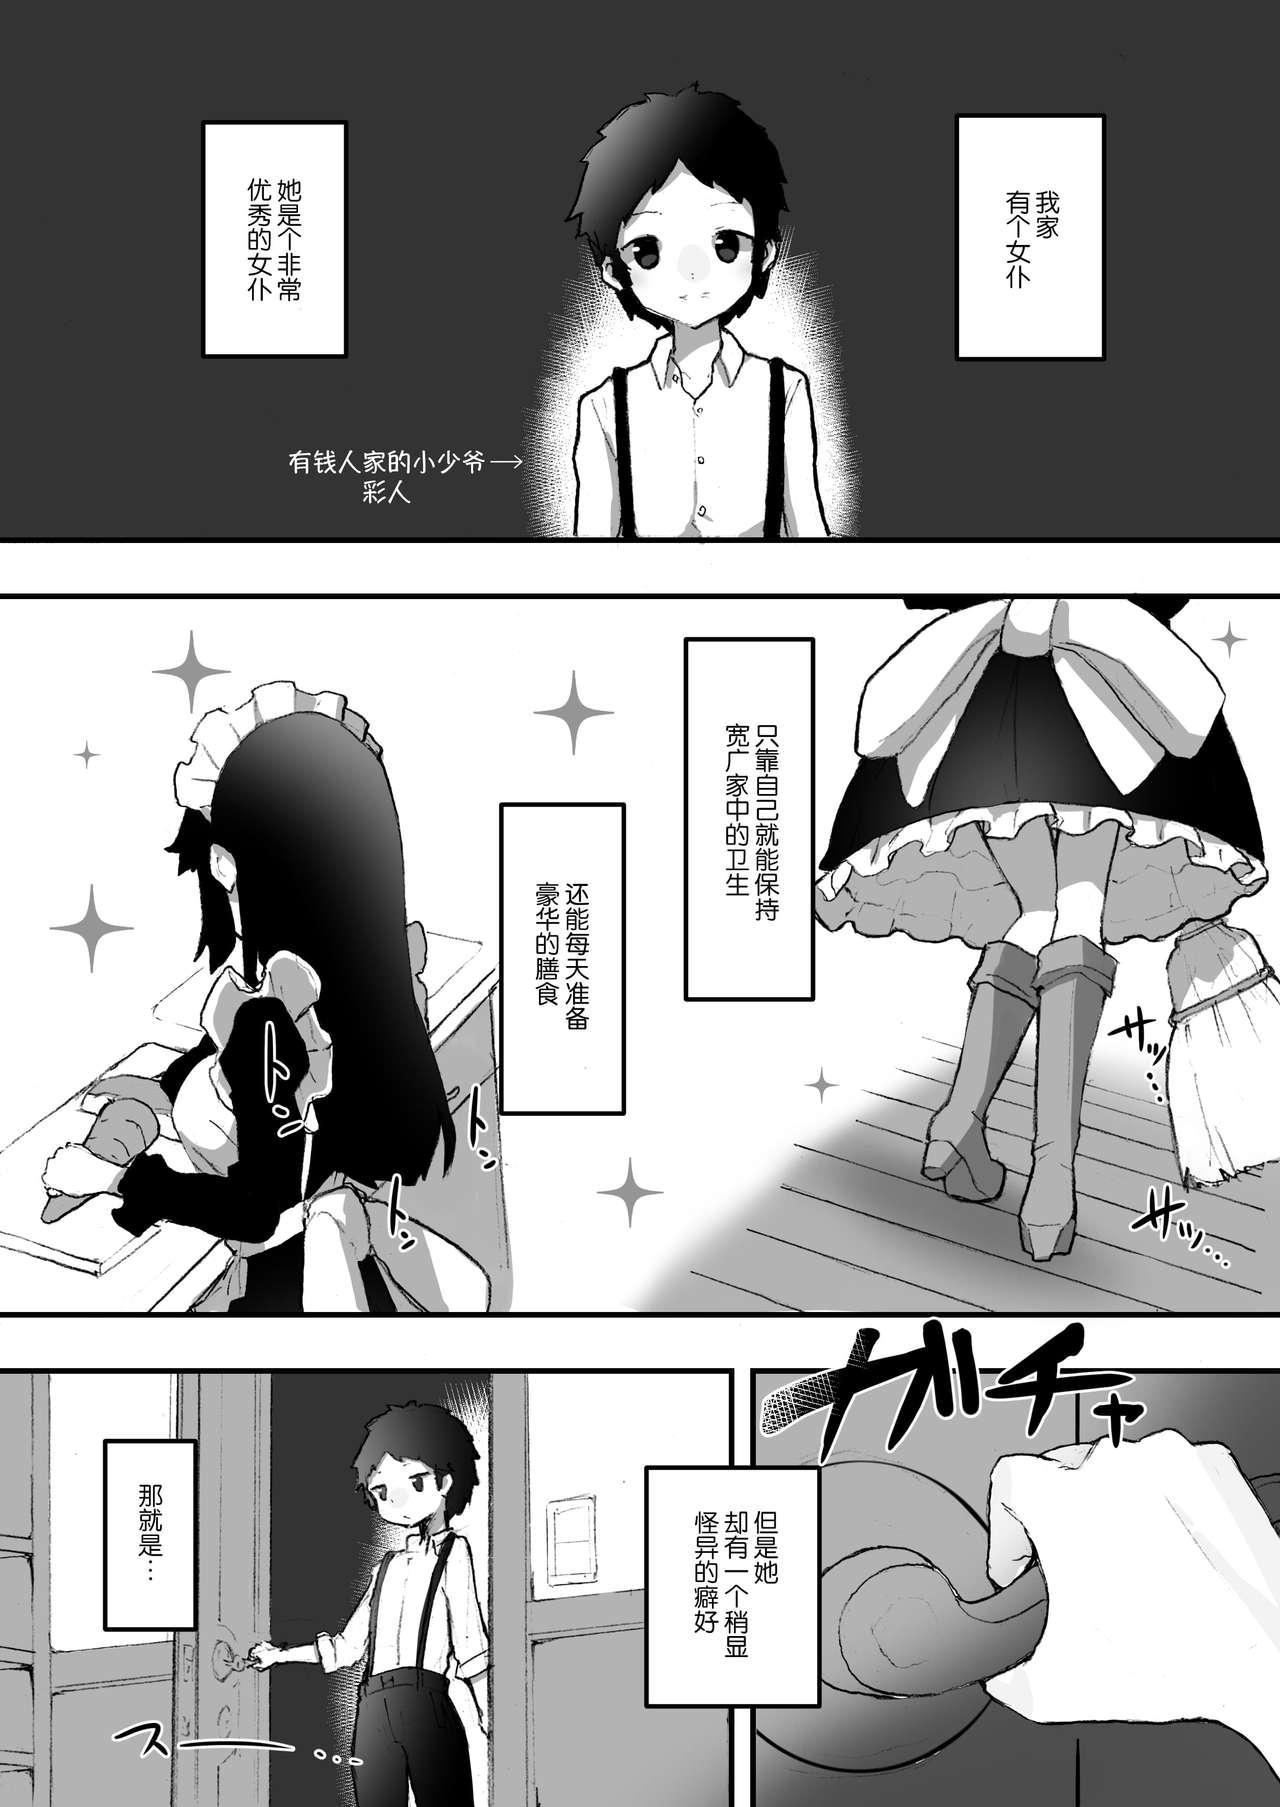 Chinkasu de kimaru Onna-tachi Comic Anthology 79